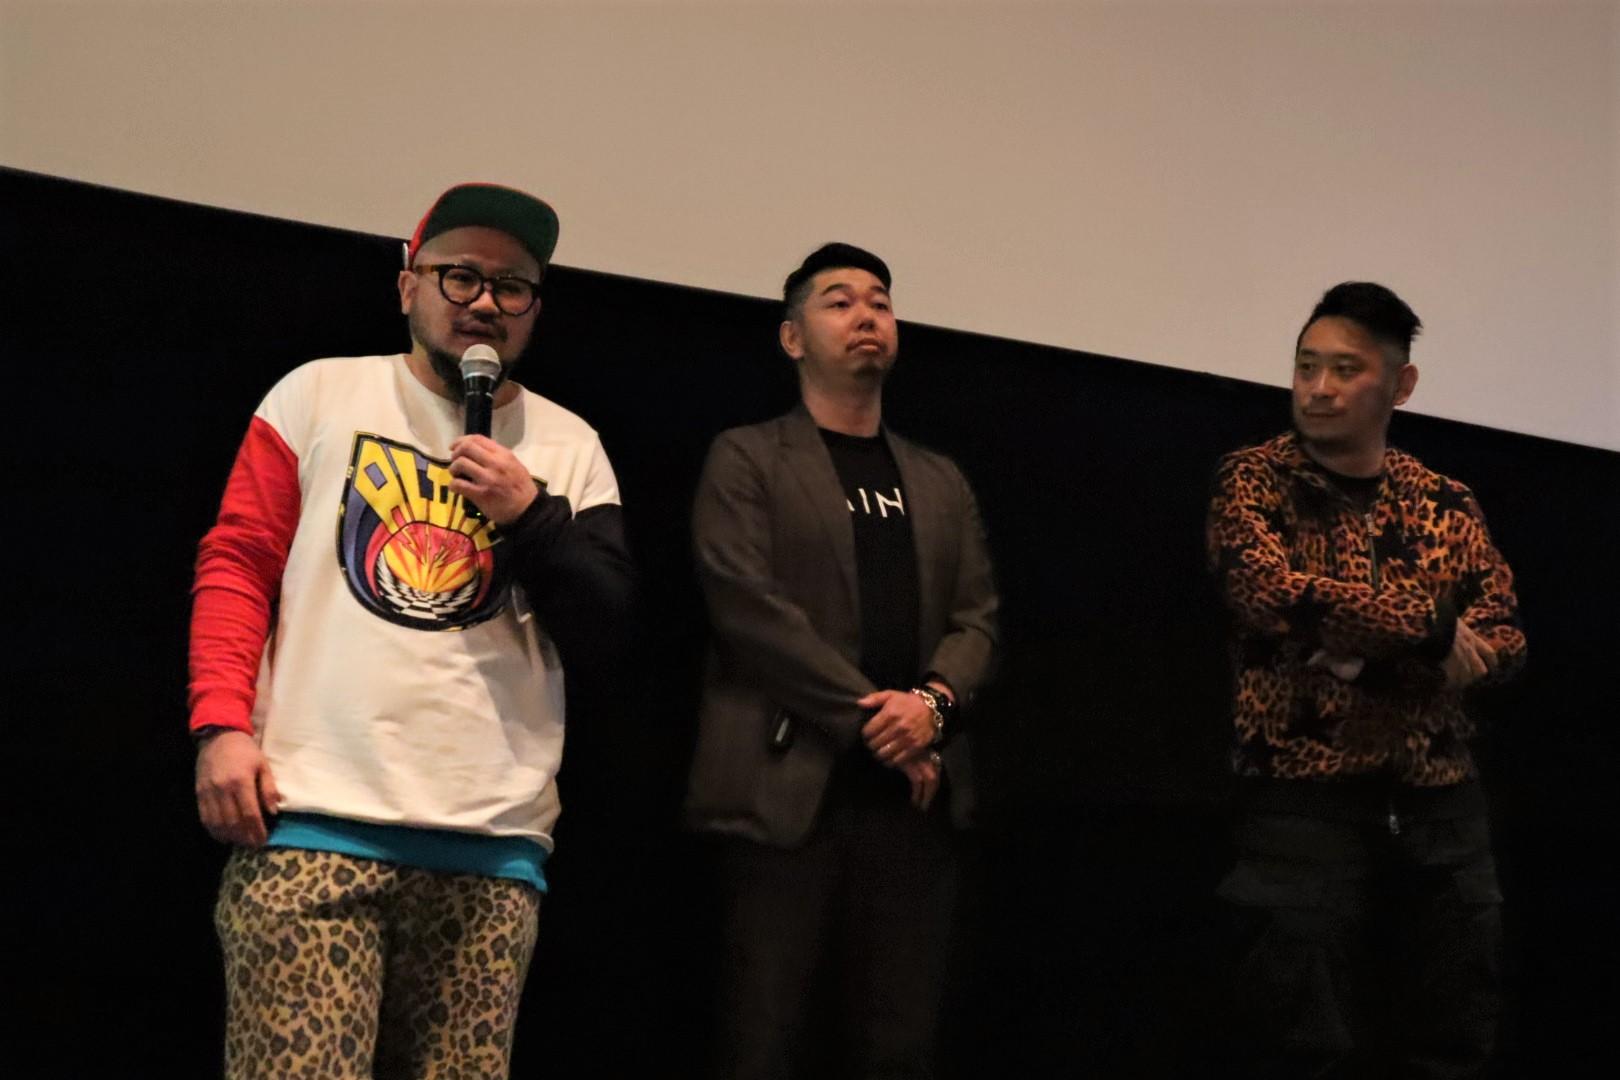 左:小山亮太監督 中央:辻村健二監督 右:東海林毅監督